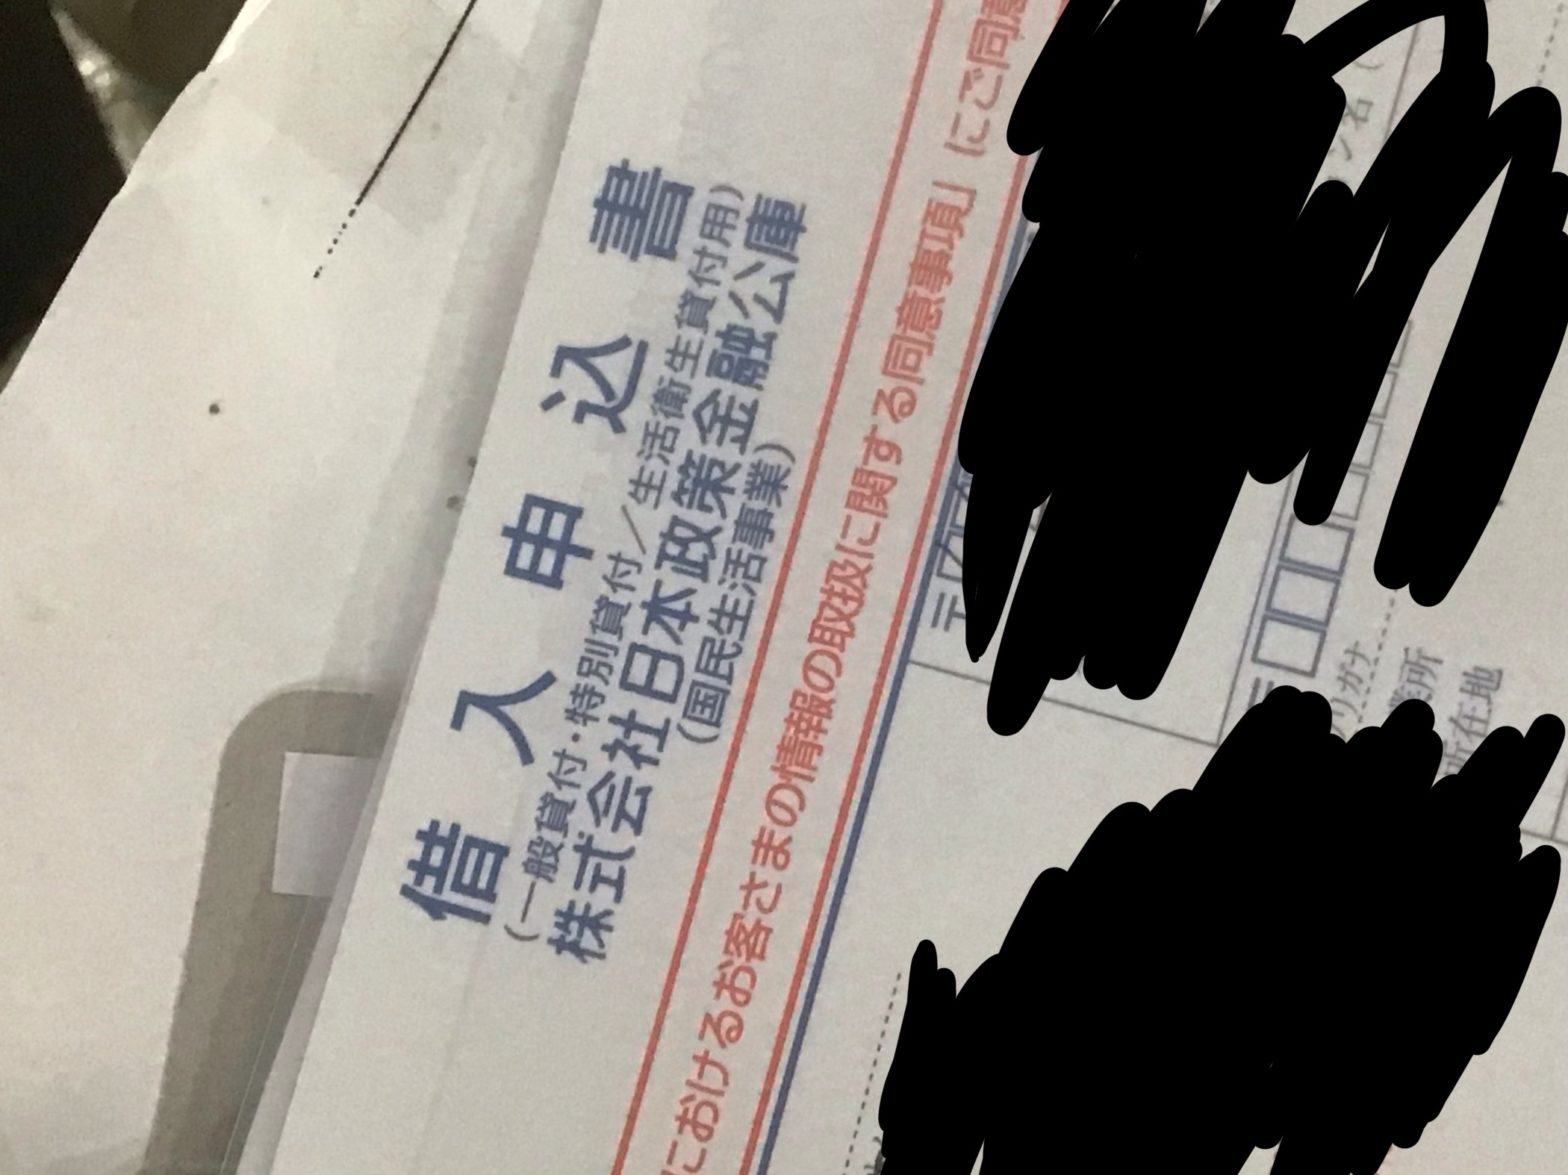 日本政策金融公庫の借り入れ申込書